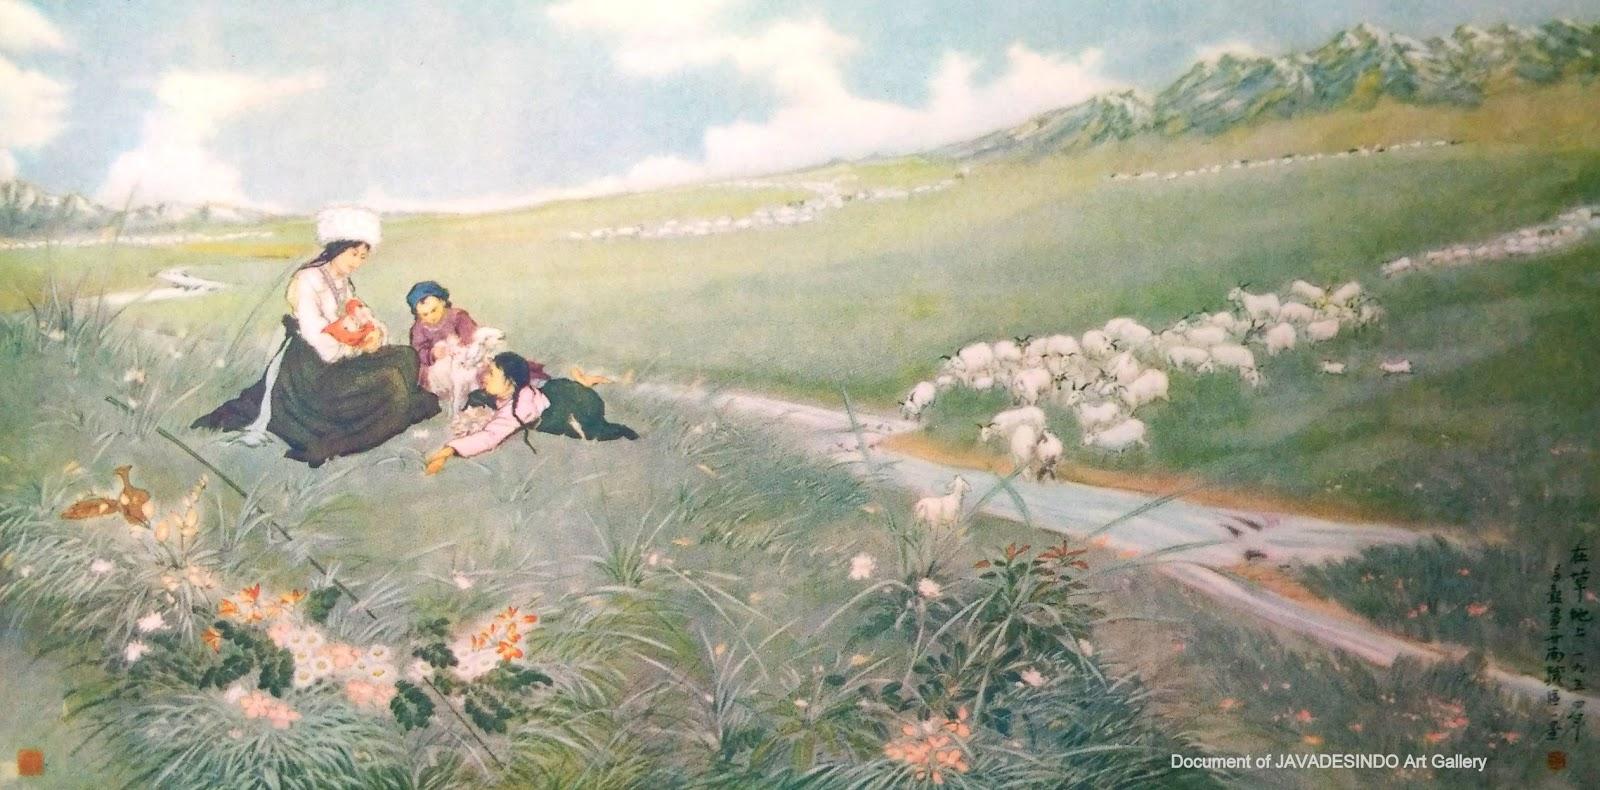 Dunia Lukisan JAVADESINDO Art Gallery